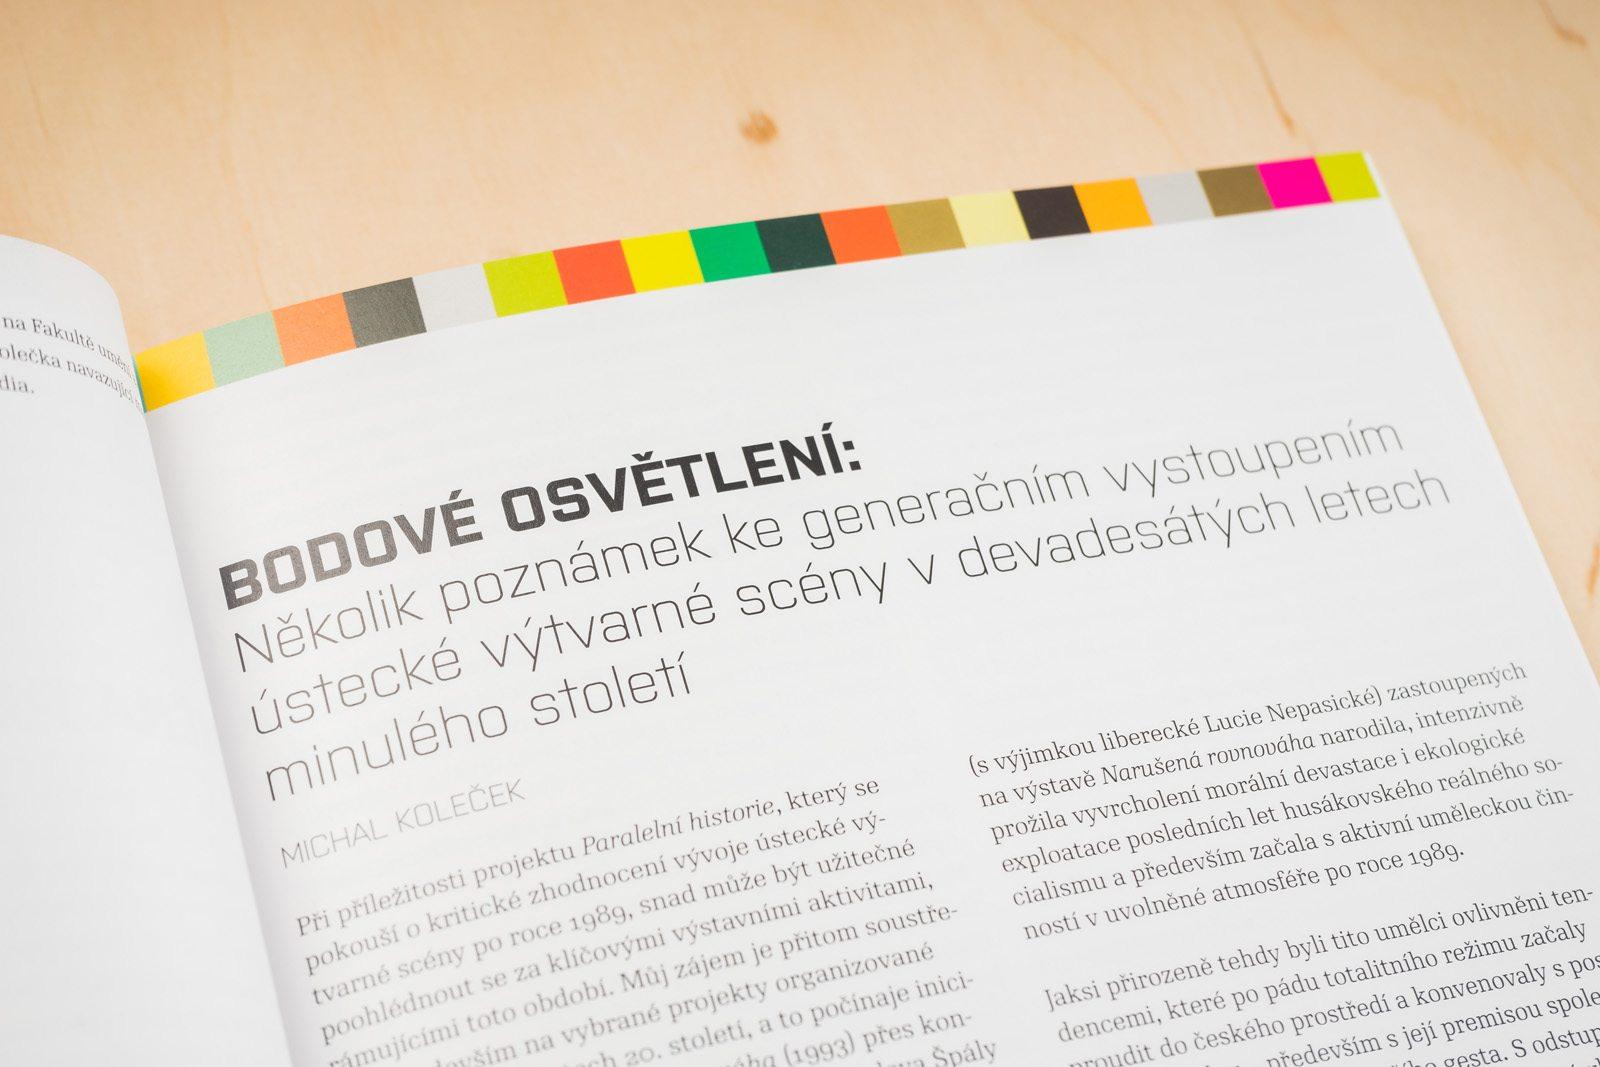 Paralelní historie. Edice FUD. Foto Jiří Dvořák